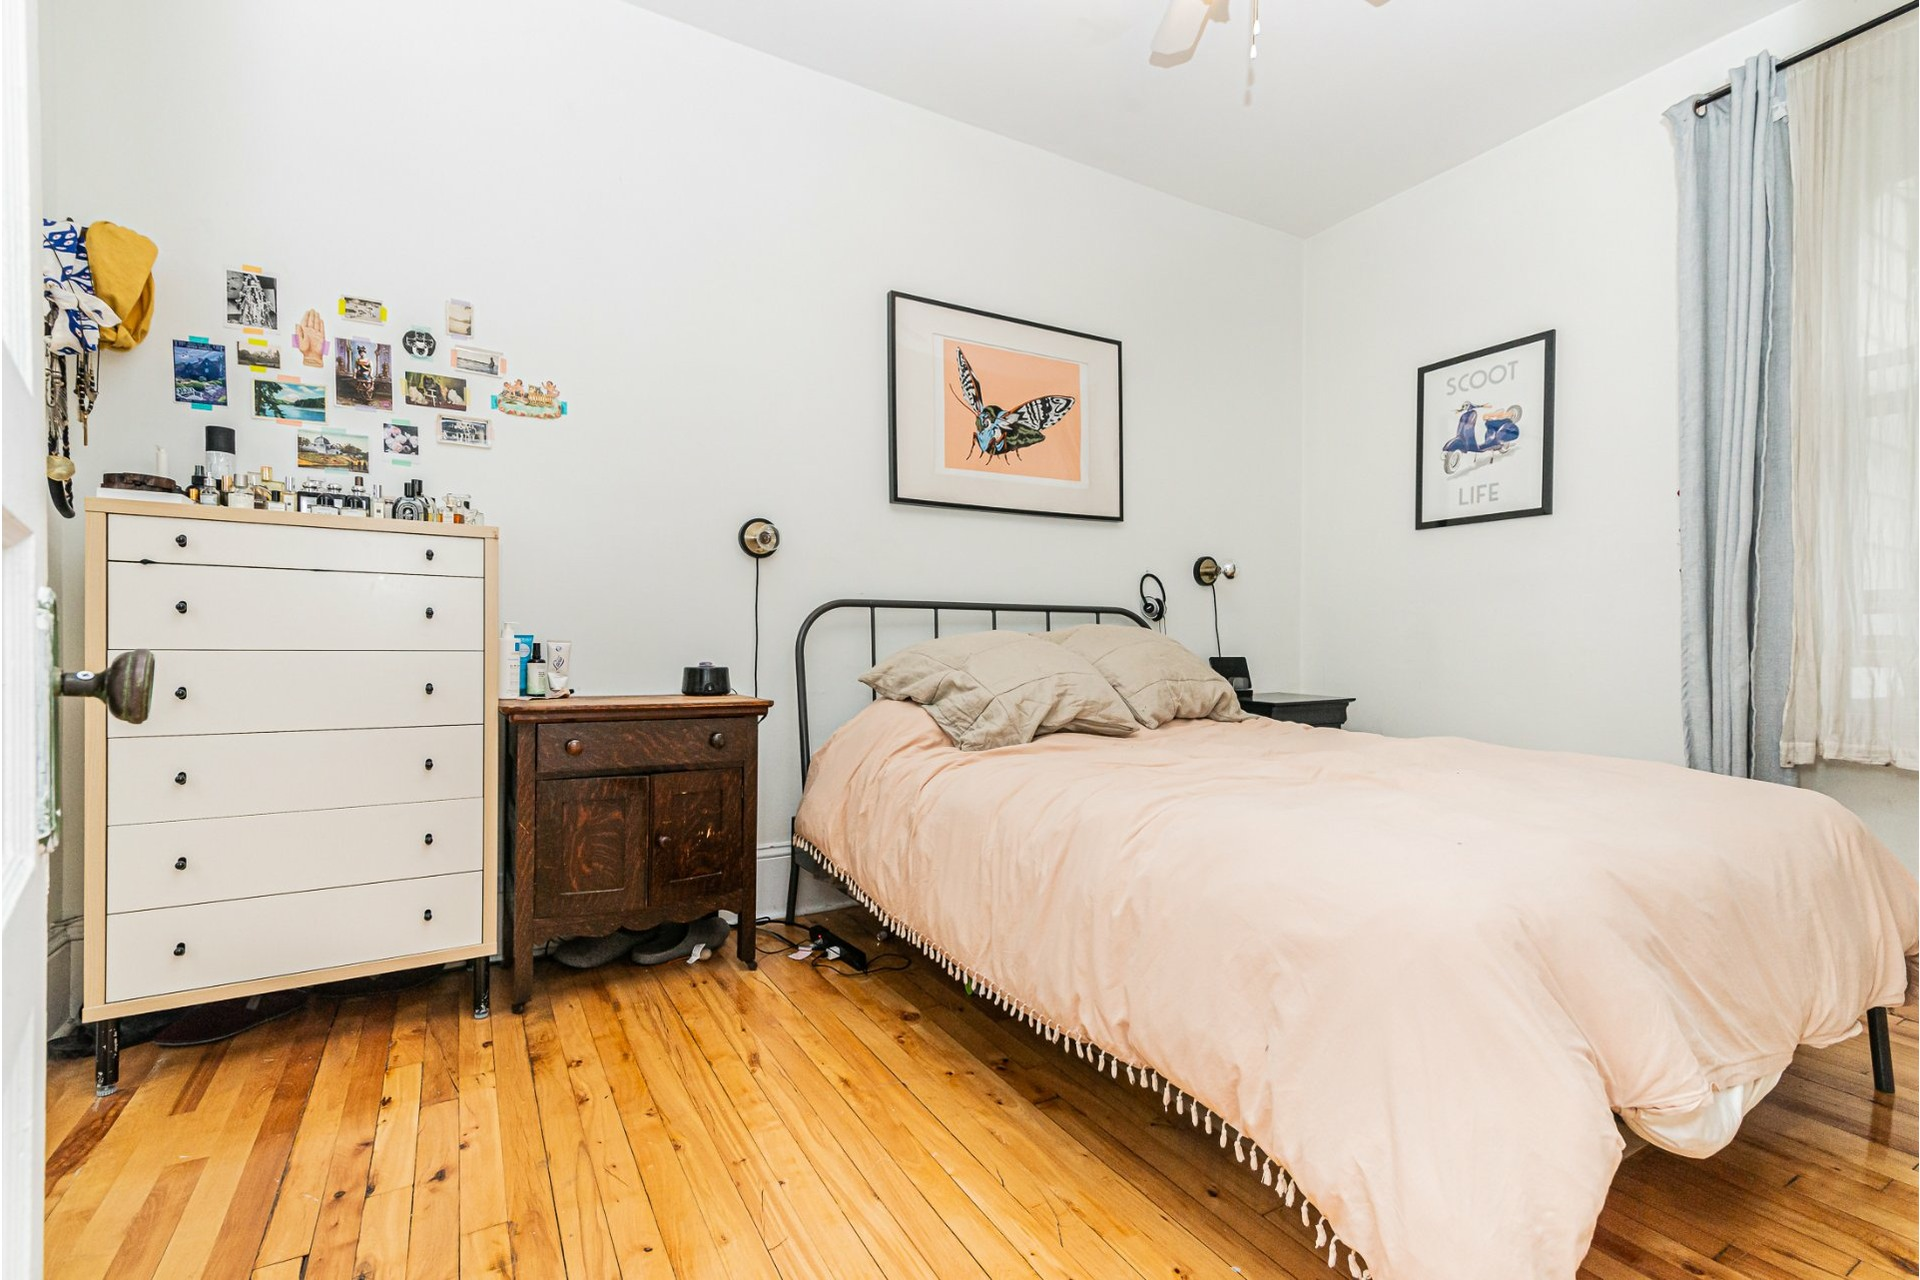 image 10 - Duplex À vendre Côte-des-Neiges/Notre-Dame-de-Grâce Montréal  - 5 pièces